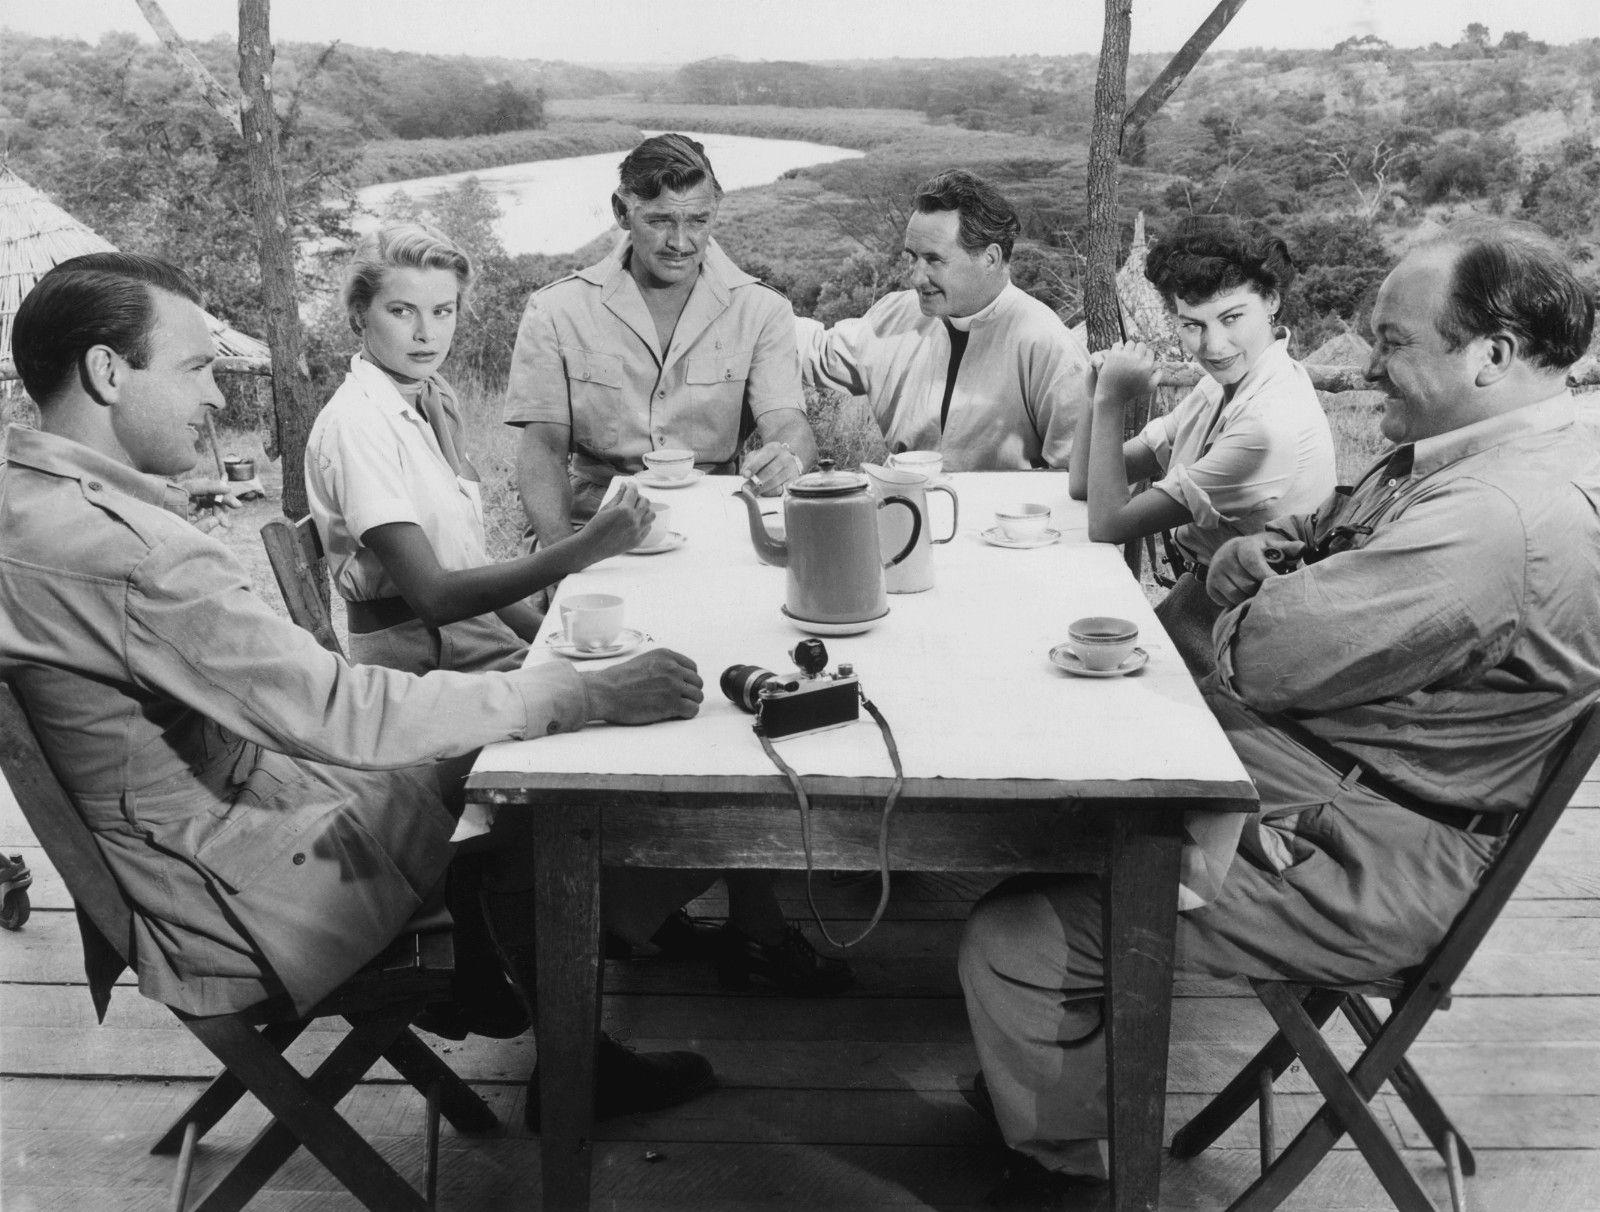 Mogambo_(1953)_Cast.jpg (1600×1212)